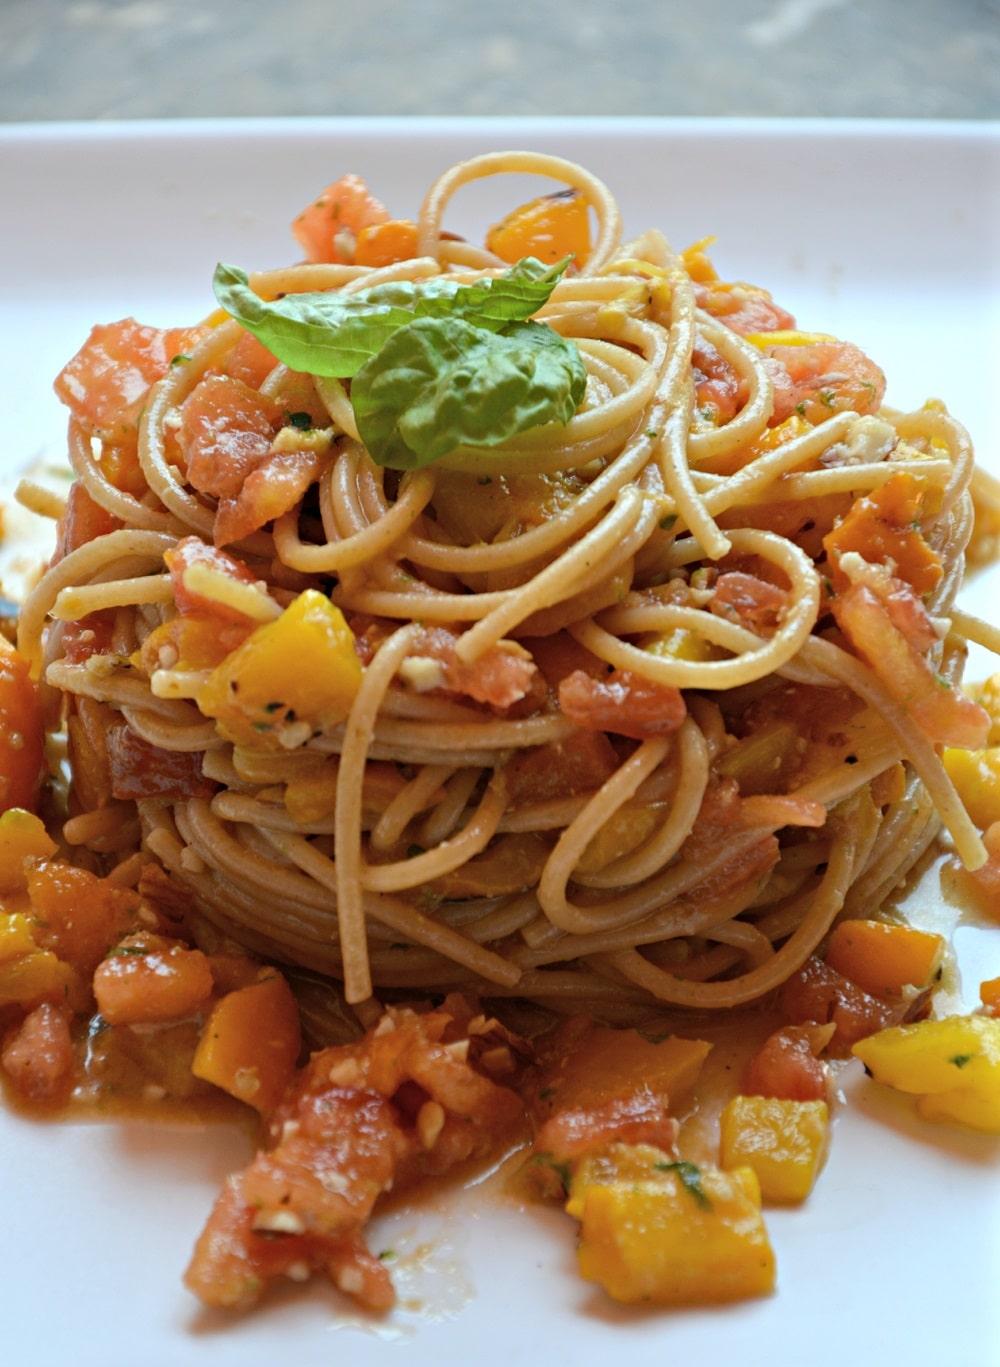 Spaghetti integrali con salsa al basilico e mandorle